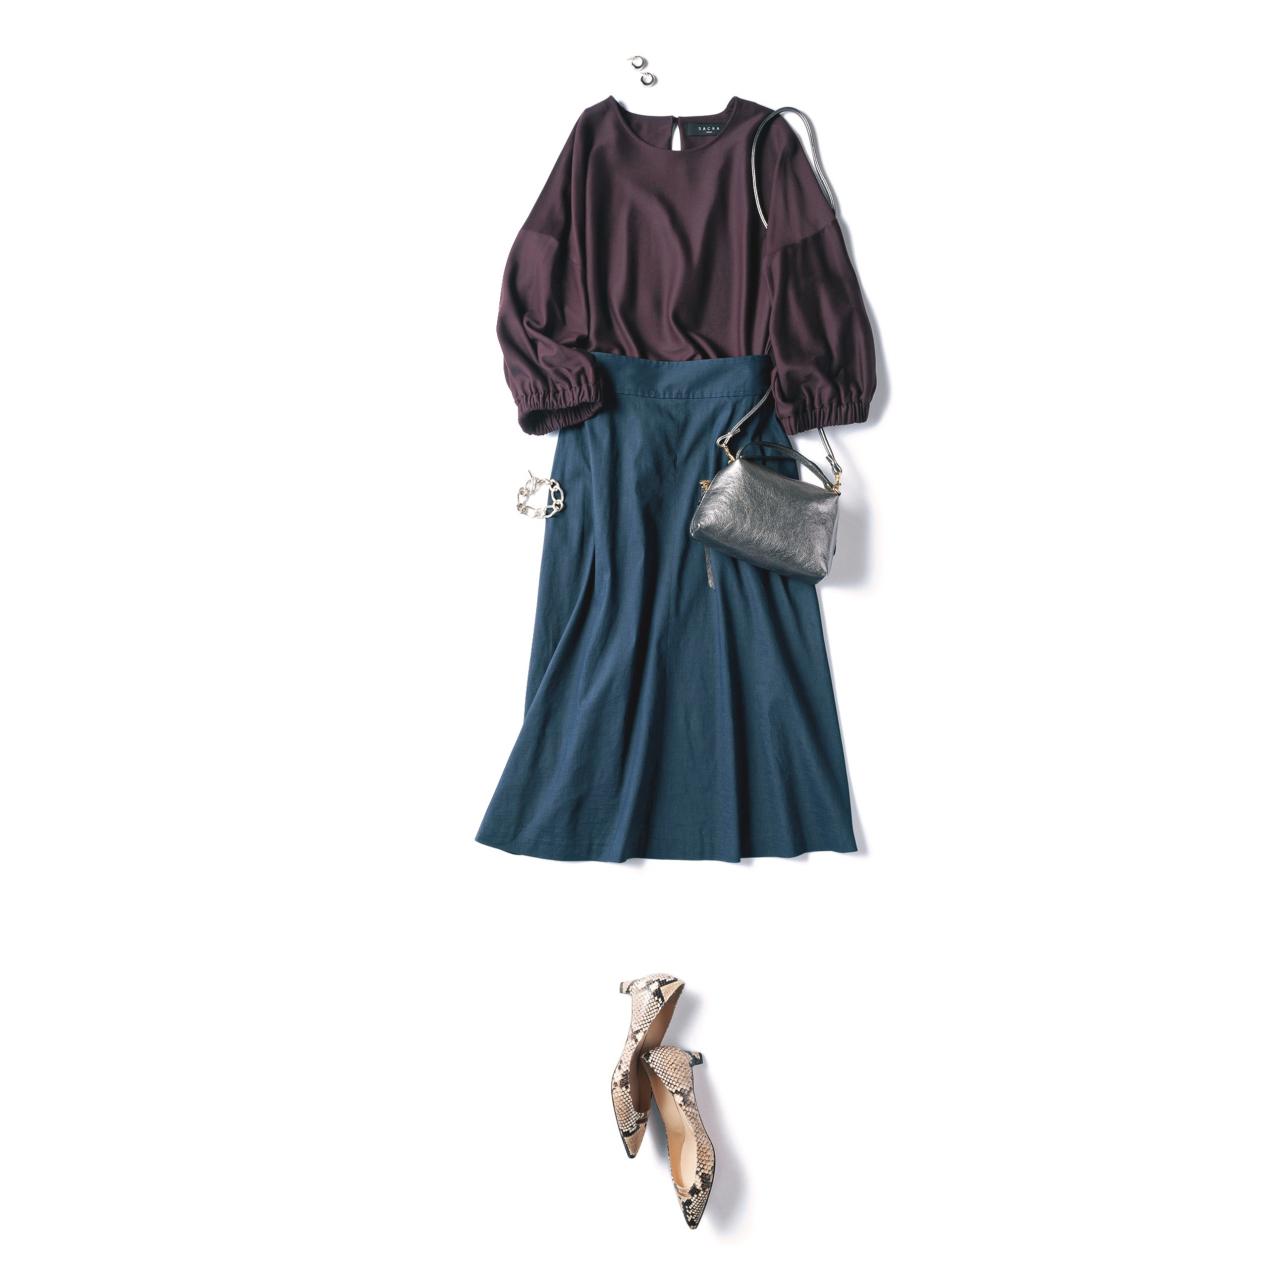 ネイビーのフレアスカート×ブラウスのファッションコーデ